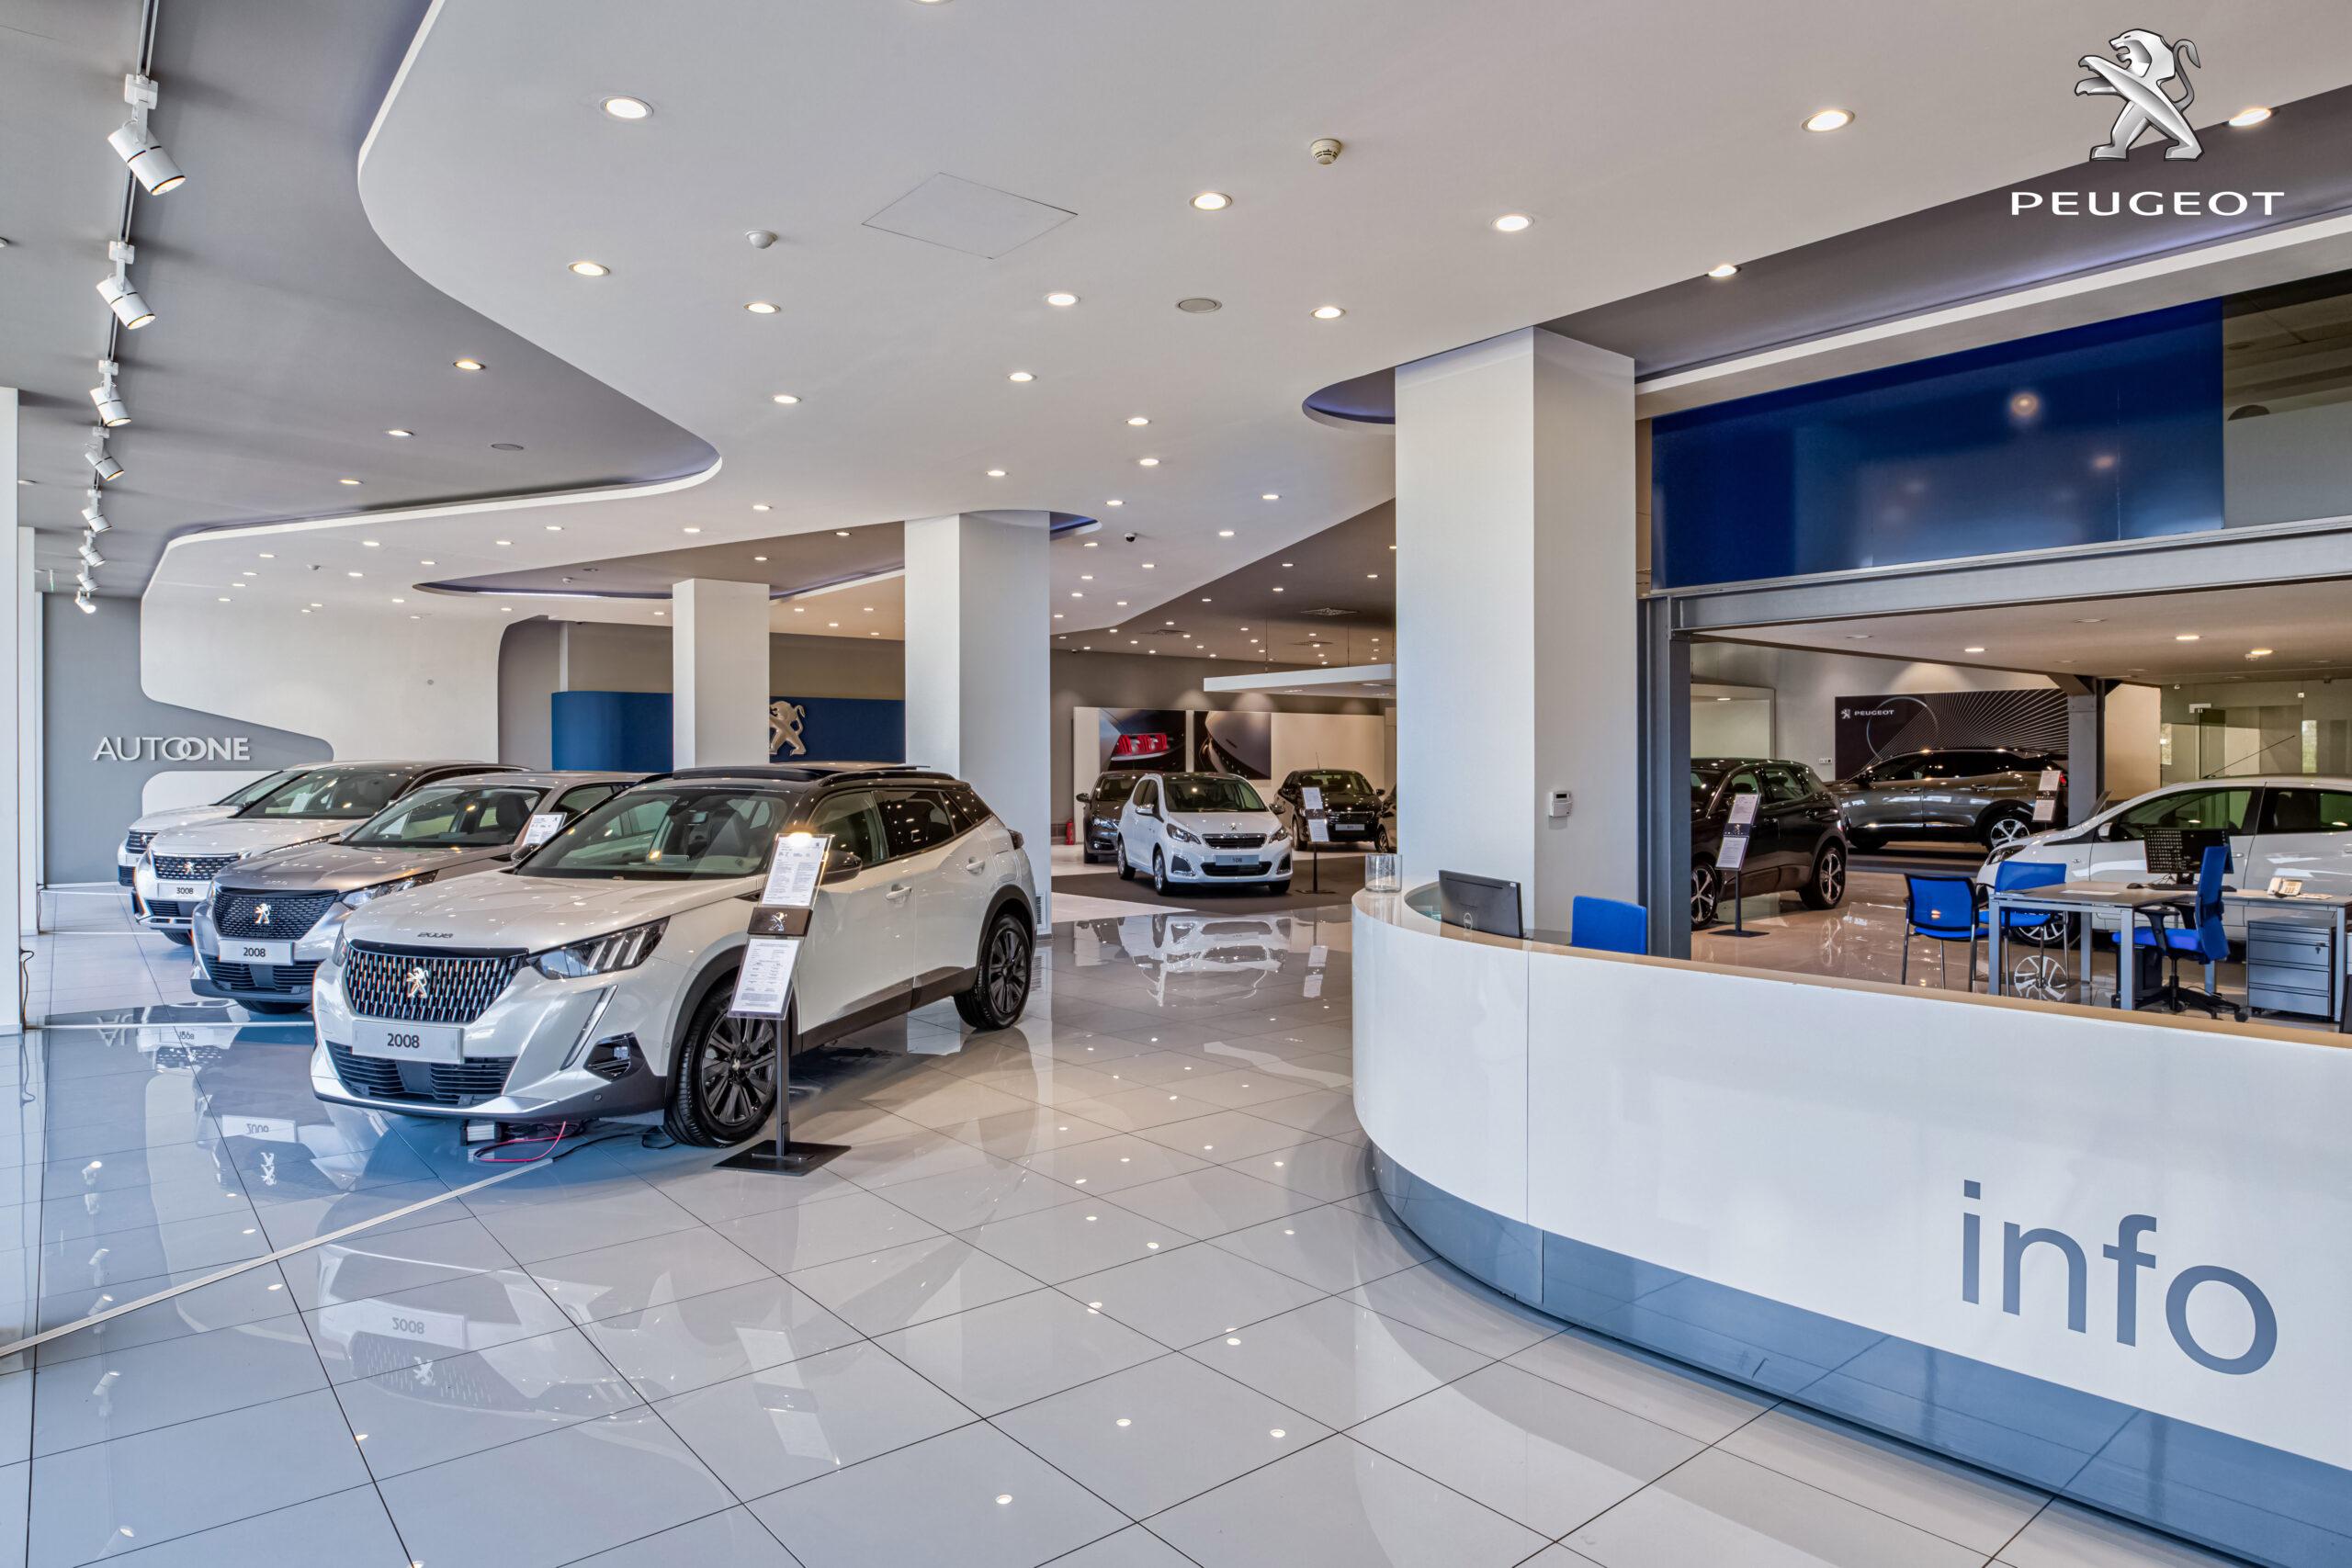 """Η Peugeot Autoone εφαρμόζει μια καινοτόμο τεχνολογία (Virtual Walkthrough) για την online εικονική περιήγηση στην έκθεση, μέσω της οποίας ο χρήστης έχει τη δυνατότητα να επισκεφτεί εικονικά το φυσικό κατάστημα και να περιηγηθεί σε αυτό βλέποντας όλα τα μοντέλα της Peugeot. Η νέα εφαρμομή """"Peugeot Virtual Walktrhough"""" φιλοξενείται στον ιστότοπο https://autoone.peugeot-hellas.gr και επιτρέπει μια πλήρη ξενάγηση στην έκθεση της Peugeot Autoone διαδικτυακά χρησιμοποιώντας smartphone, tablet ή laptop. Κατά τη διάρκεια της περιήγησης, εμφανίζονται όλα τα μοντέλα και προιοντικές πληροφορίες με σήμανση (tags), μέσω των οποίων ο περιηγητής μπορεί να μεταφερθεί στη σχετική σελίδα στην οποία μπορεί να διαβάσει περισσότερα και να τα «μοιραστεί» στα Social Media. Για μεγαλύτερη διευκόλυνση, υπάρχουν σχετικές ενδείξεις πλοήγησης στον φυσικό διάδρομο αλλά και λειτουργίες, όπως το «panorama» (πανοραμικές εικόνες στα σημεία του Walkthrough) που προβάλουν ολοκληρωμένα χώρους του καταστήματος με μεγαλύτερη λεπτομέρεια και το «timeline» όπου παρουσιάζονται όλα τα σημεία ενδιαφέροντος της περιήγησης (tags). Επιπλέον, υπάρχει η δυνατότητα αυτόματης αναπαραγωγής και «επίσκεψης» σε συγκεκριμένους χώρους που κάνουν την περιήγηση ακόμα πιο γρήγορη και με περισσότερες επιλογές! Η εφαρμογή βασίζεται στη μοναδική, προηγμένη πλατφόρμα VitrinaBox. H τεχνολογία αυτή δίνει τη δυνατότητα στον online επισκέπτη να περιηγηθεί στην Έκθεση σε συνεχή ροή και να απολαύσει τα εσωτερικά των αυτοκινήτων με οπτική 360˚, εύκολα & γρήγορα στο φυσικό χώρο του καταστήματος, ανεξαρτήτως συσκευής ή browser και χωρίς την ανάγκη εγκατάστασης κάποιας εφαρμογής ή χρήσης ειδικού εξοπλισμού. Μπορείτε να επισκεφθείτε την PEUGEOT AUTOONE εδώ: https://bit.ly/2KeNRVE"""